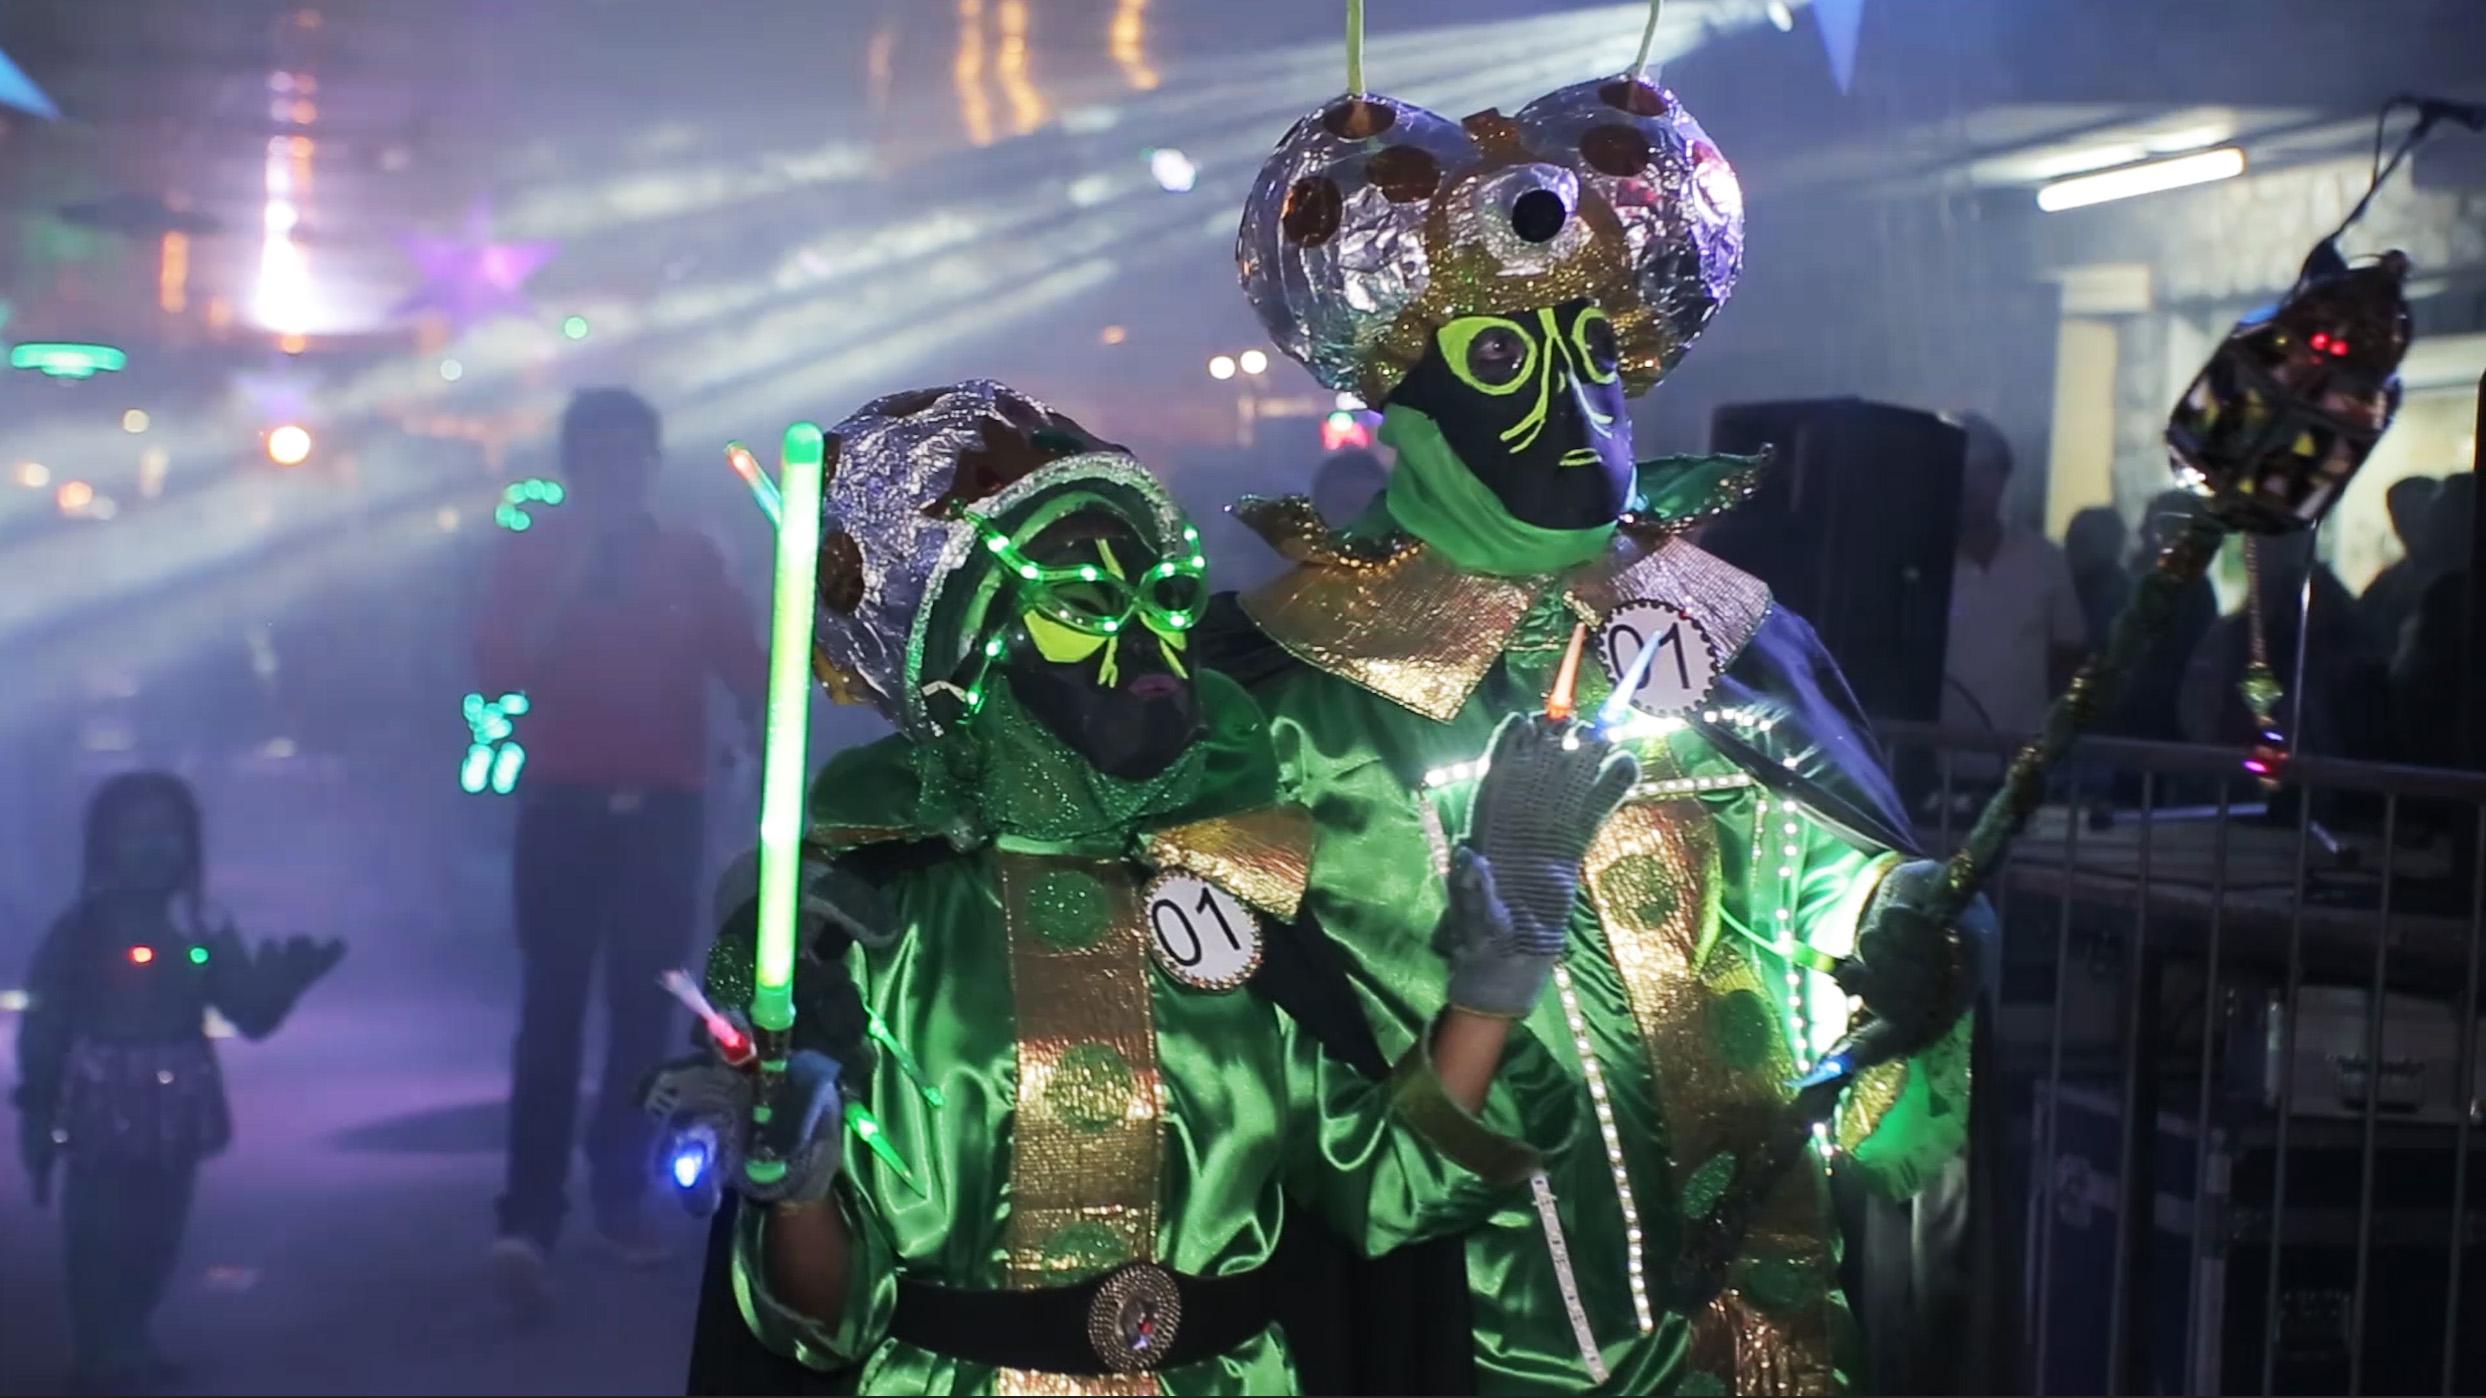 En fotos: en este festival veneran cada año a los extraterrestres